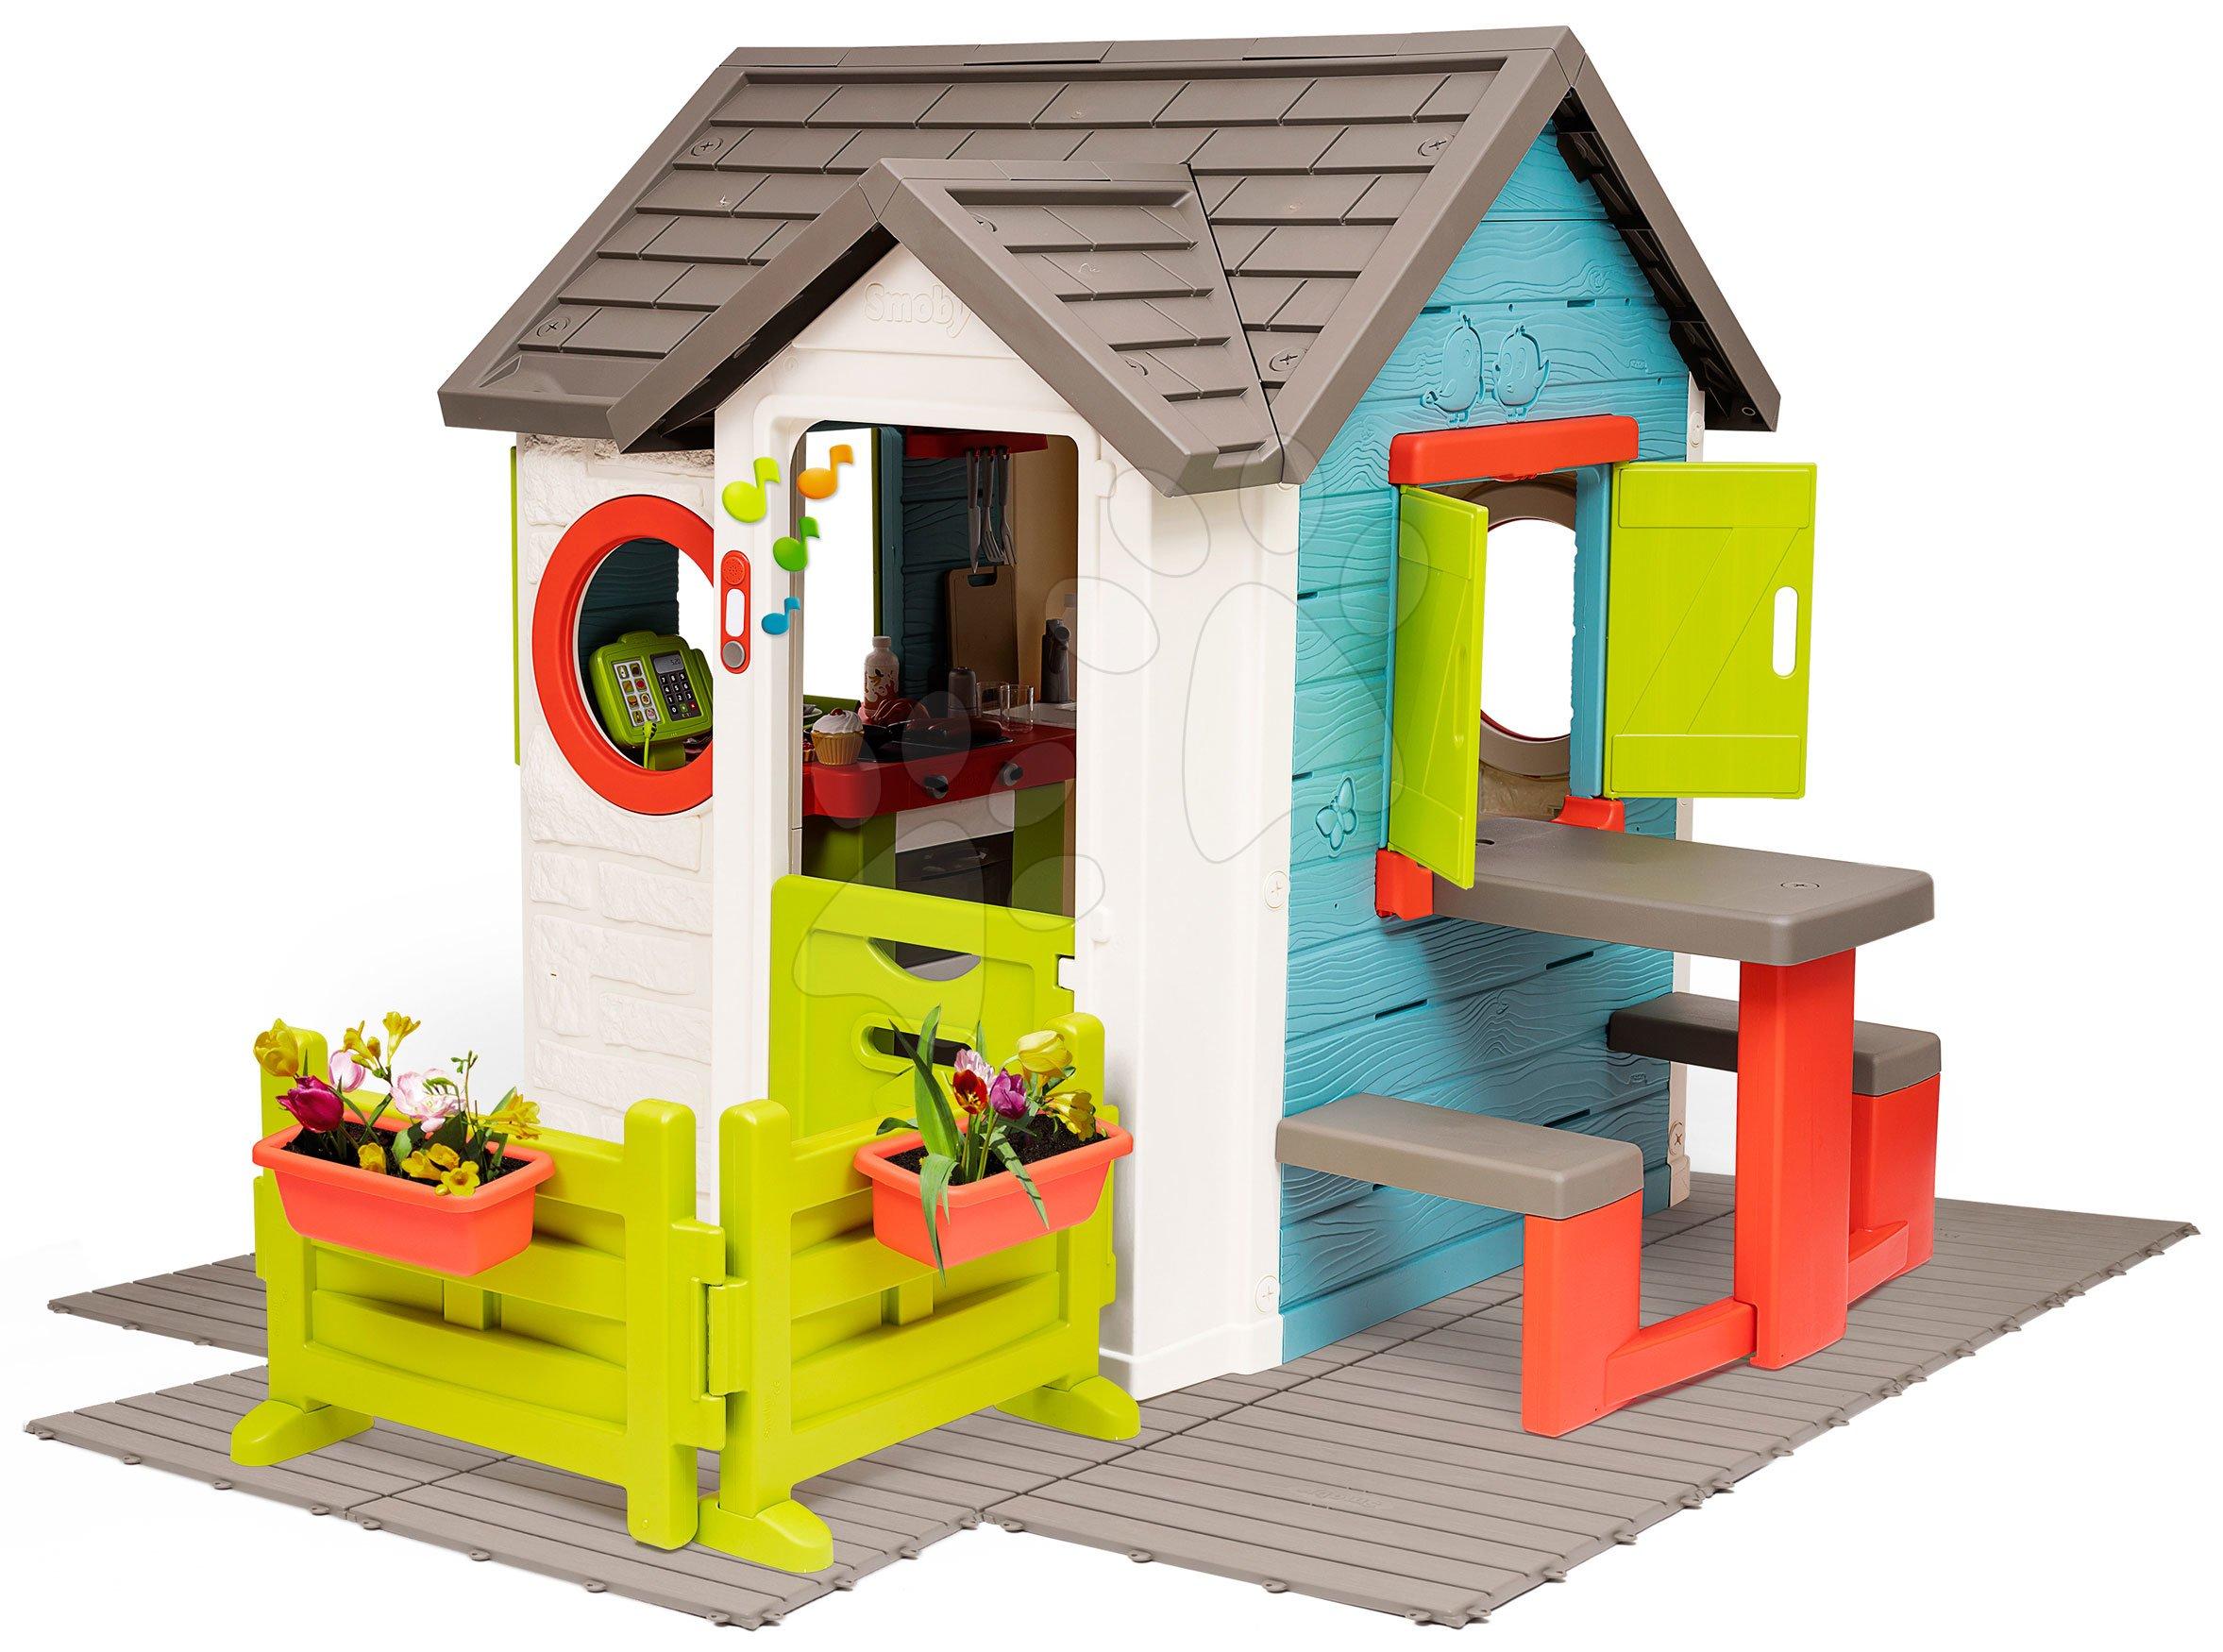 Căsuță cu restaurant de grădină Chef House DeLuxe Smoby cu măsuță și grădină pe pardosea